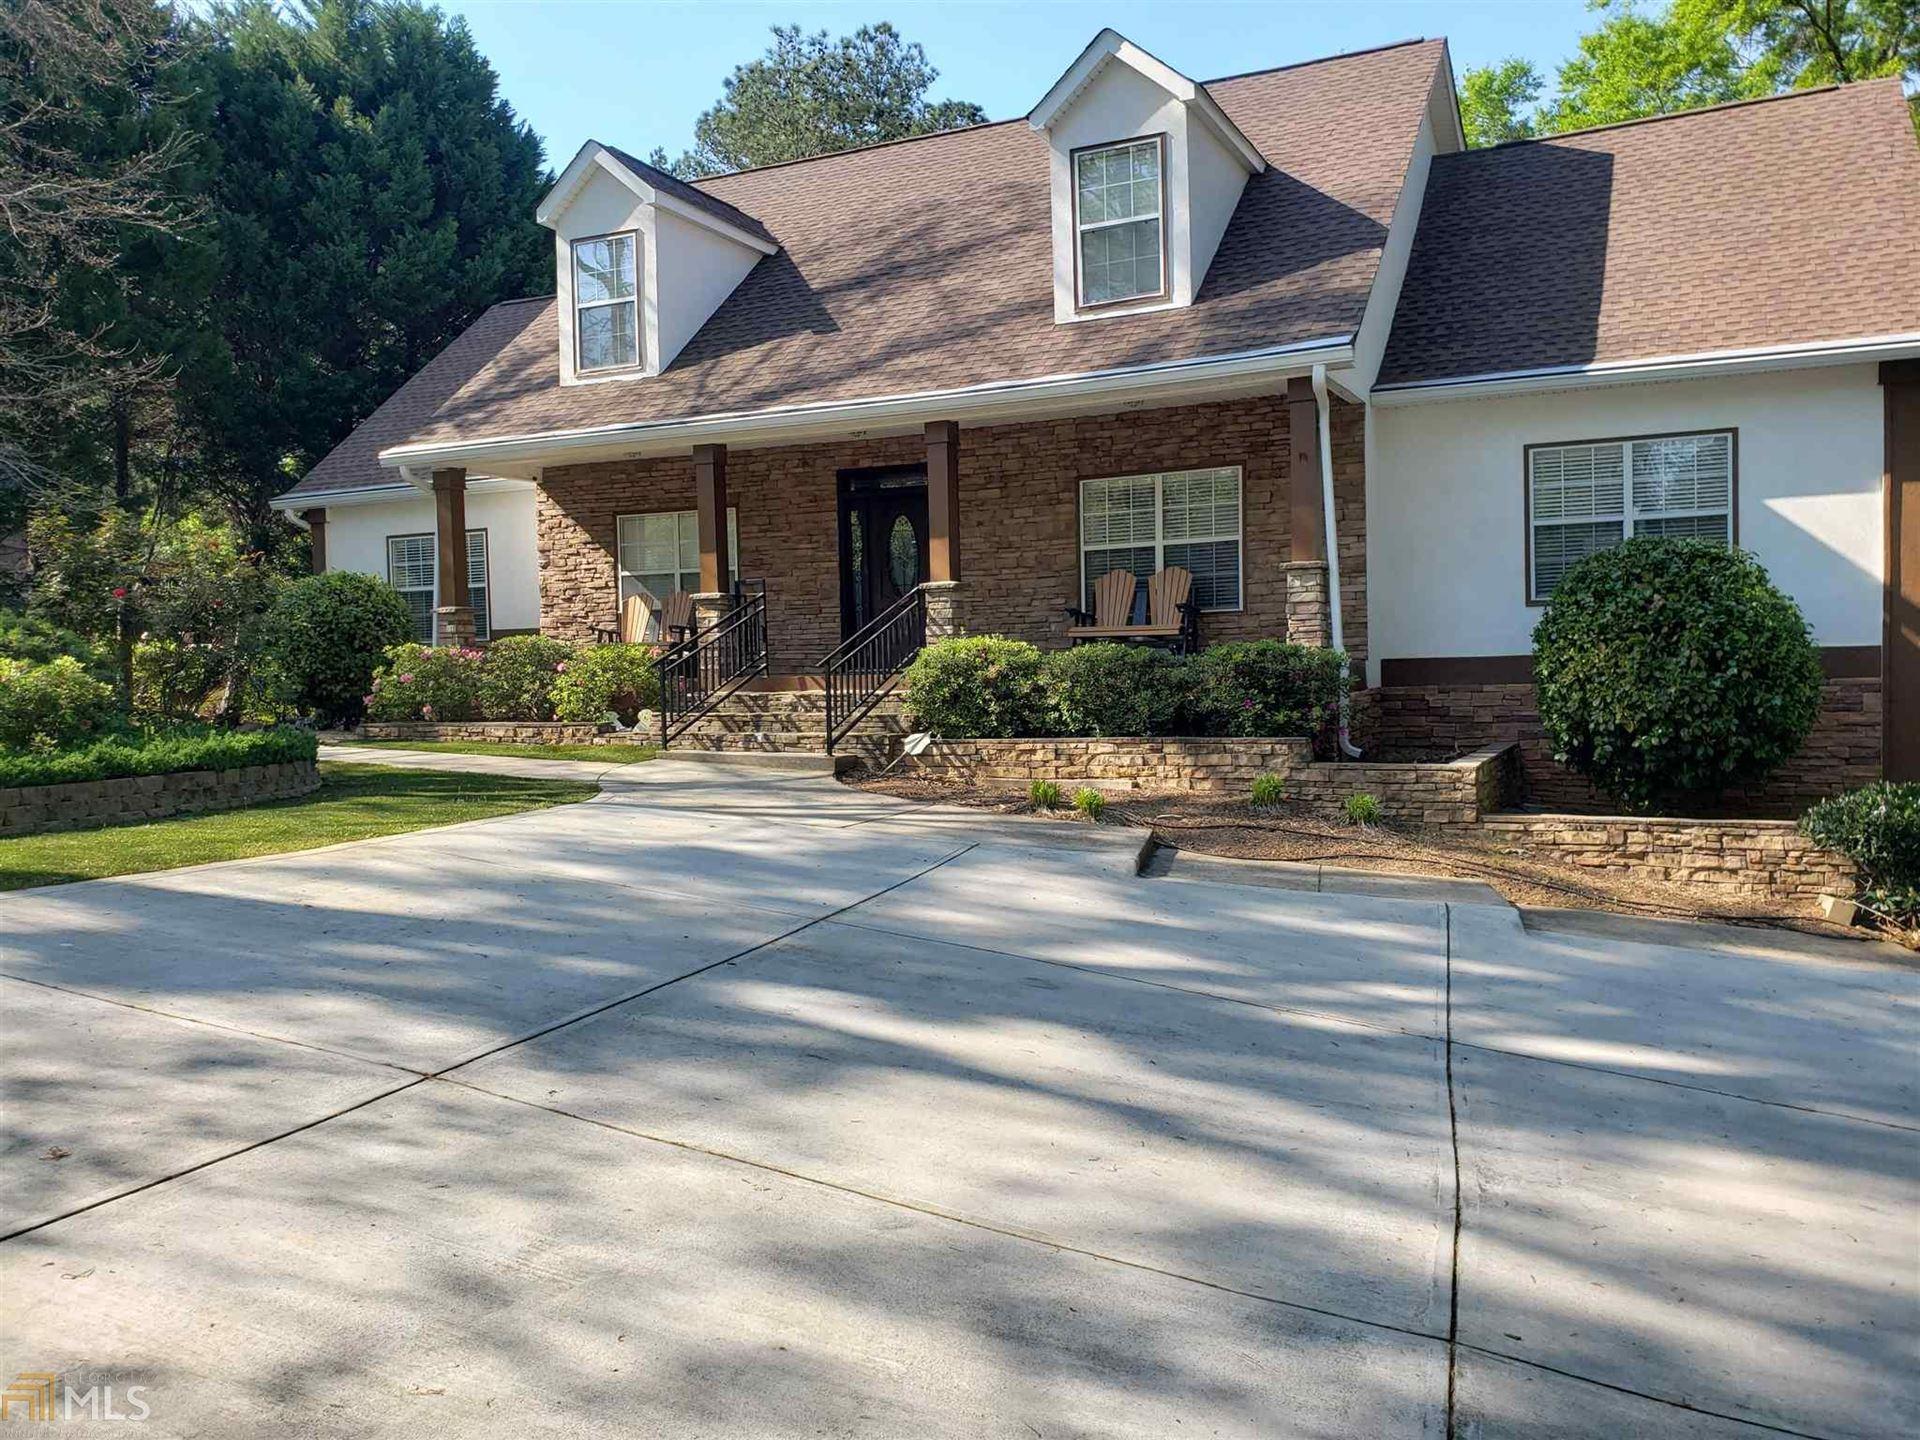 2538 Spivey Ct, Jonesboro, GA 30236 - #: 8956003